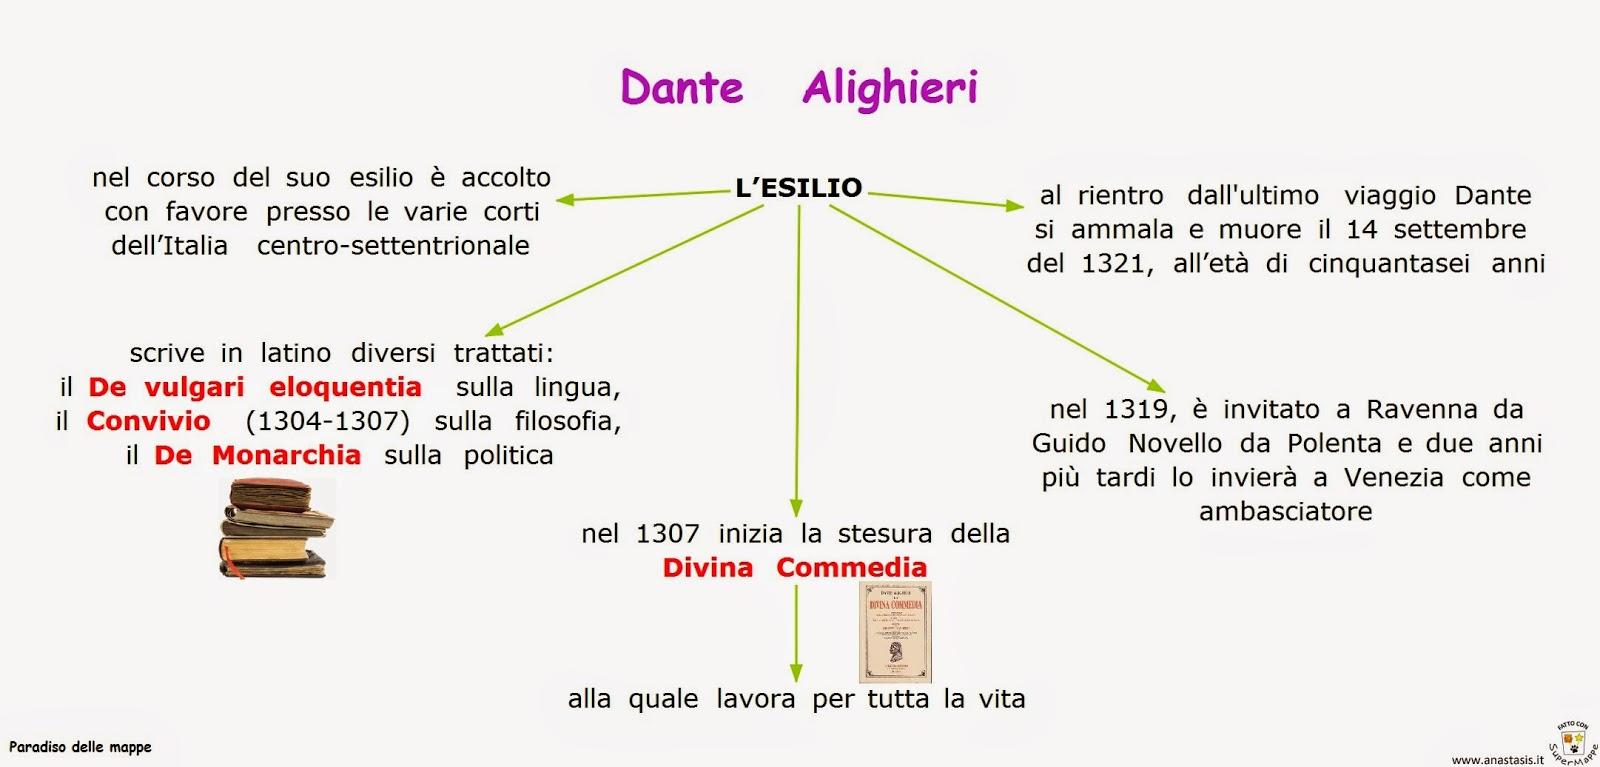 Paradiso delle mappe dante alighieri l 39 esilio for Struttura politica italiana